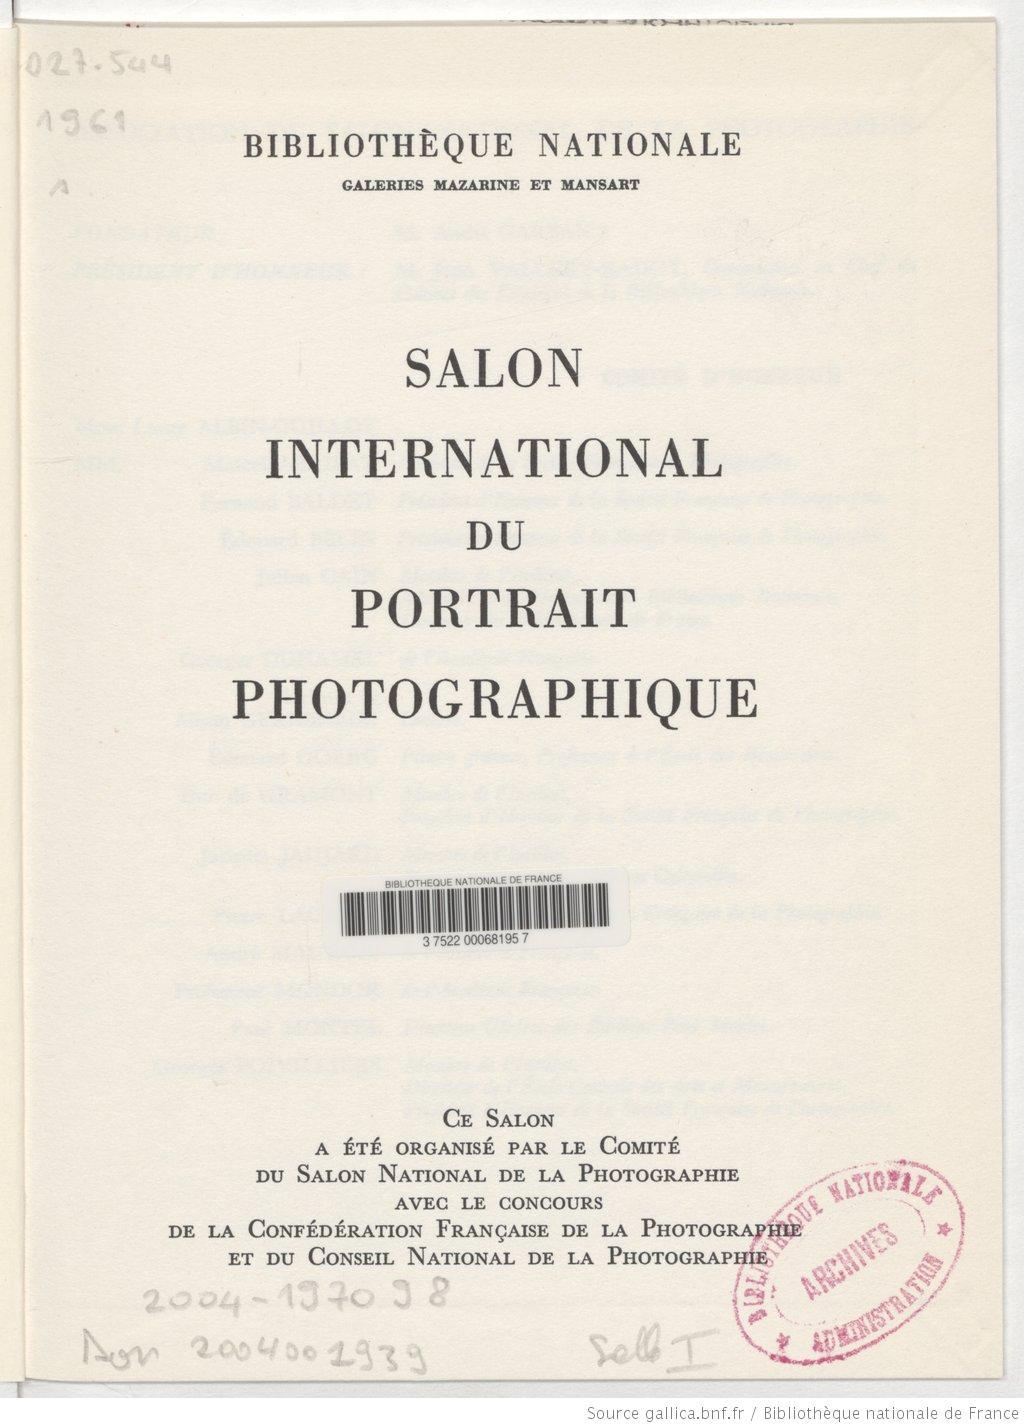 Comment la biblioth que nationale de france a contribu - Salon international de la photographie ...